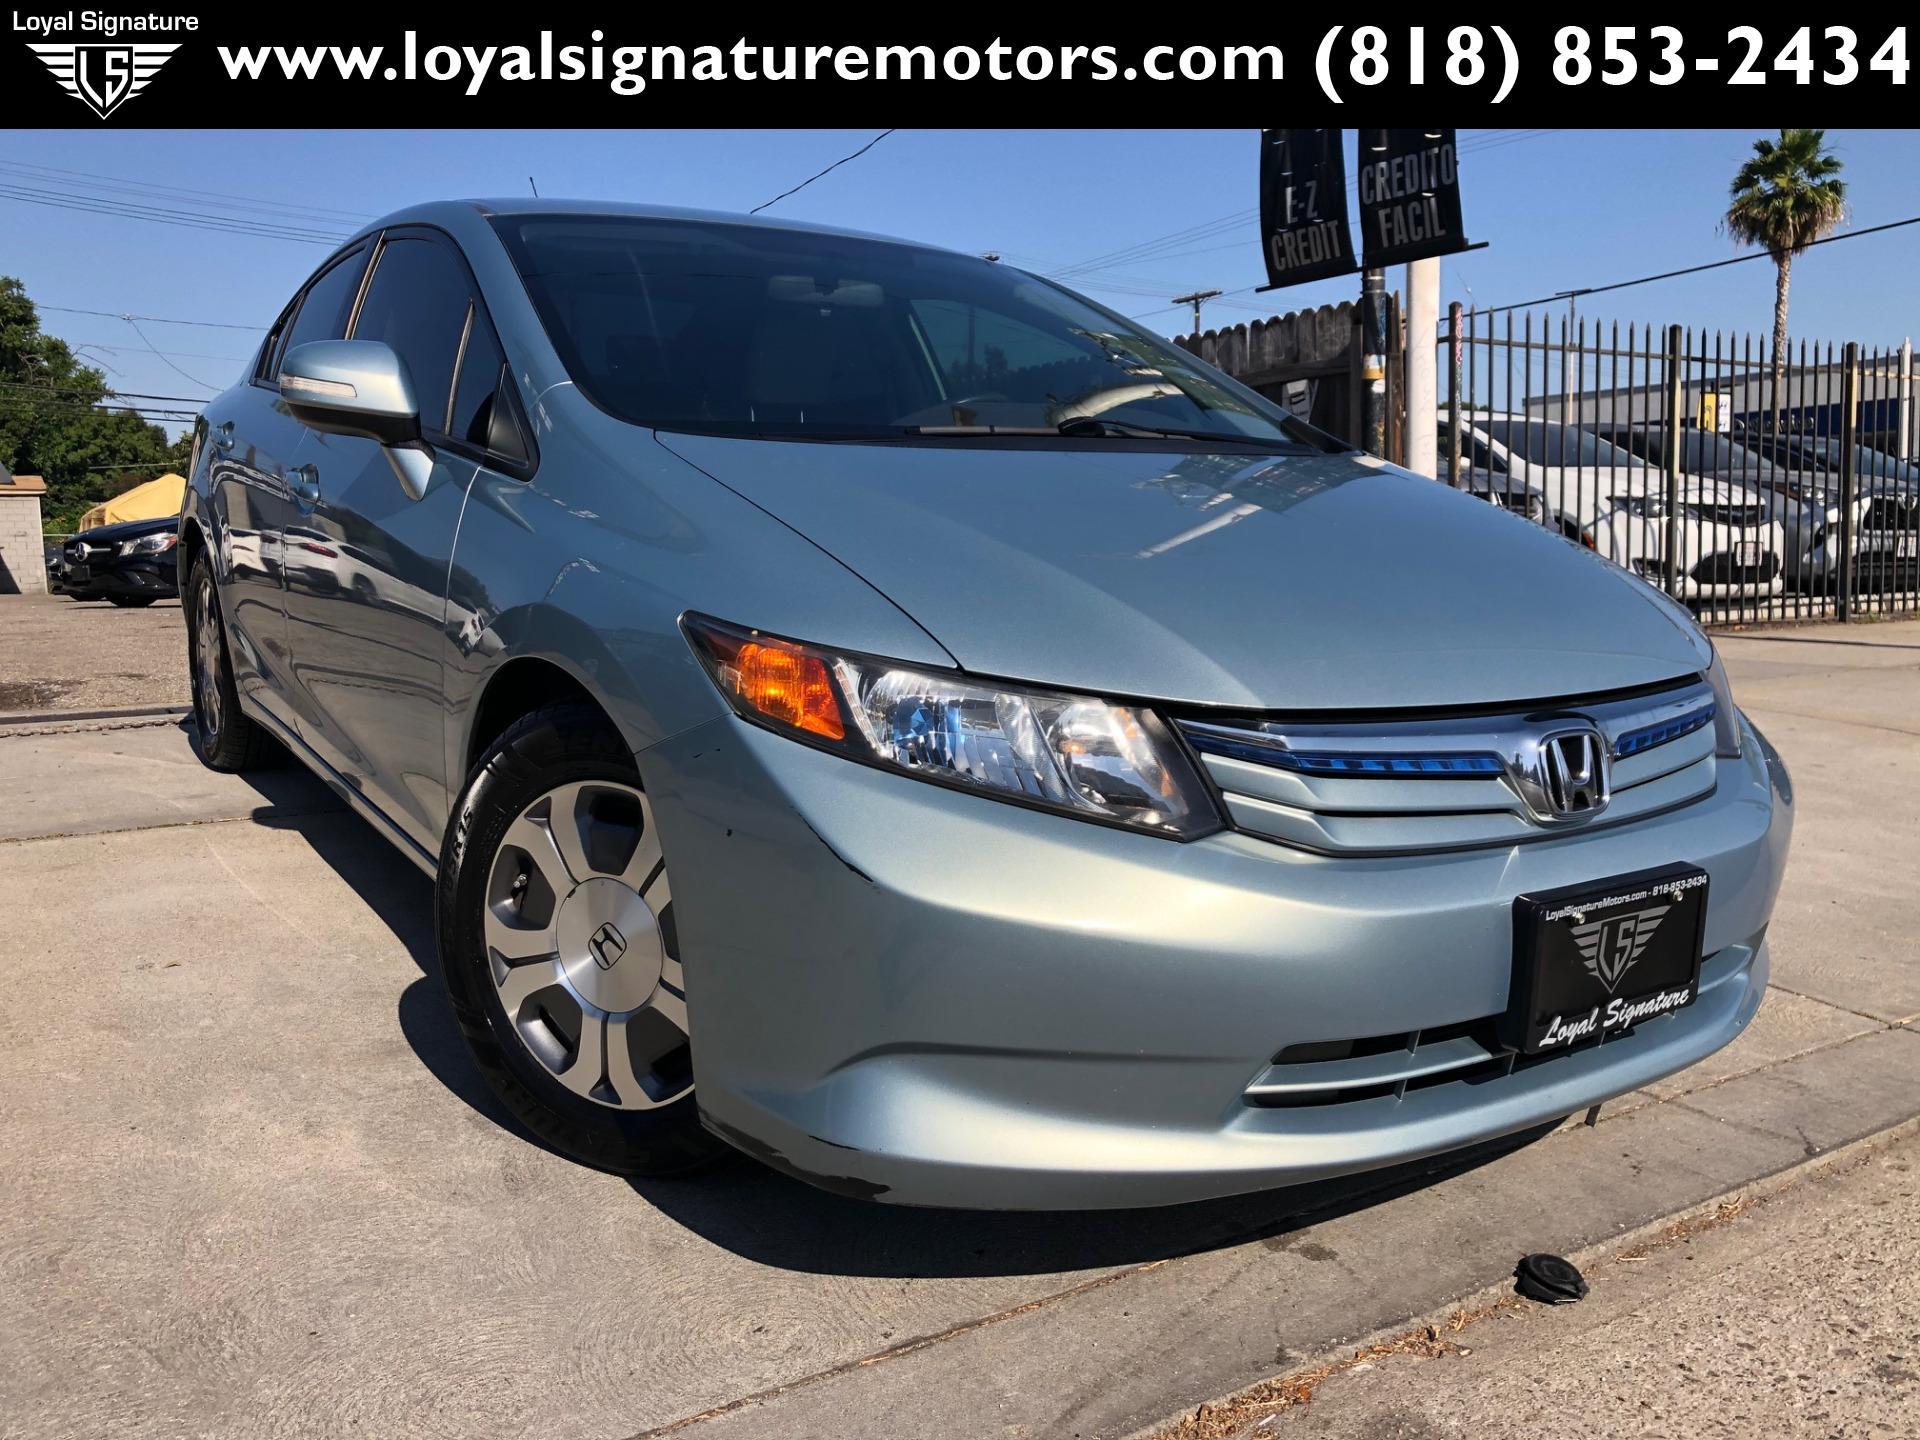 Used 2012 Honda Civic Hybrid   Van Nuys, CA